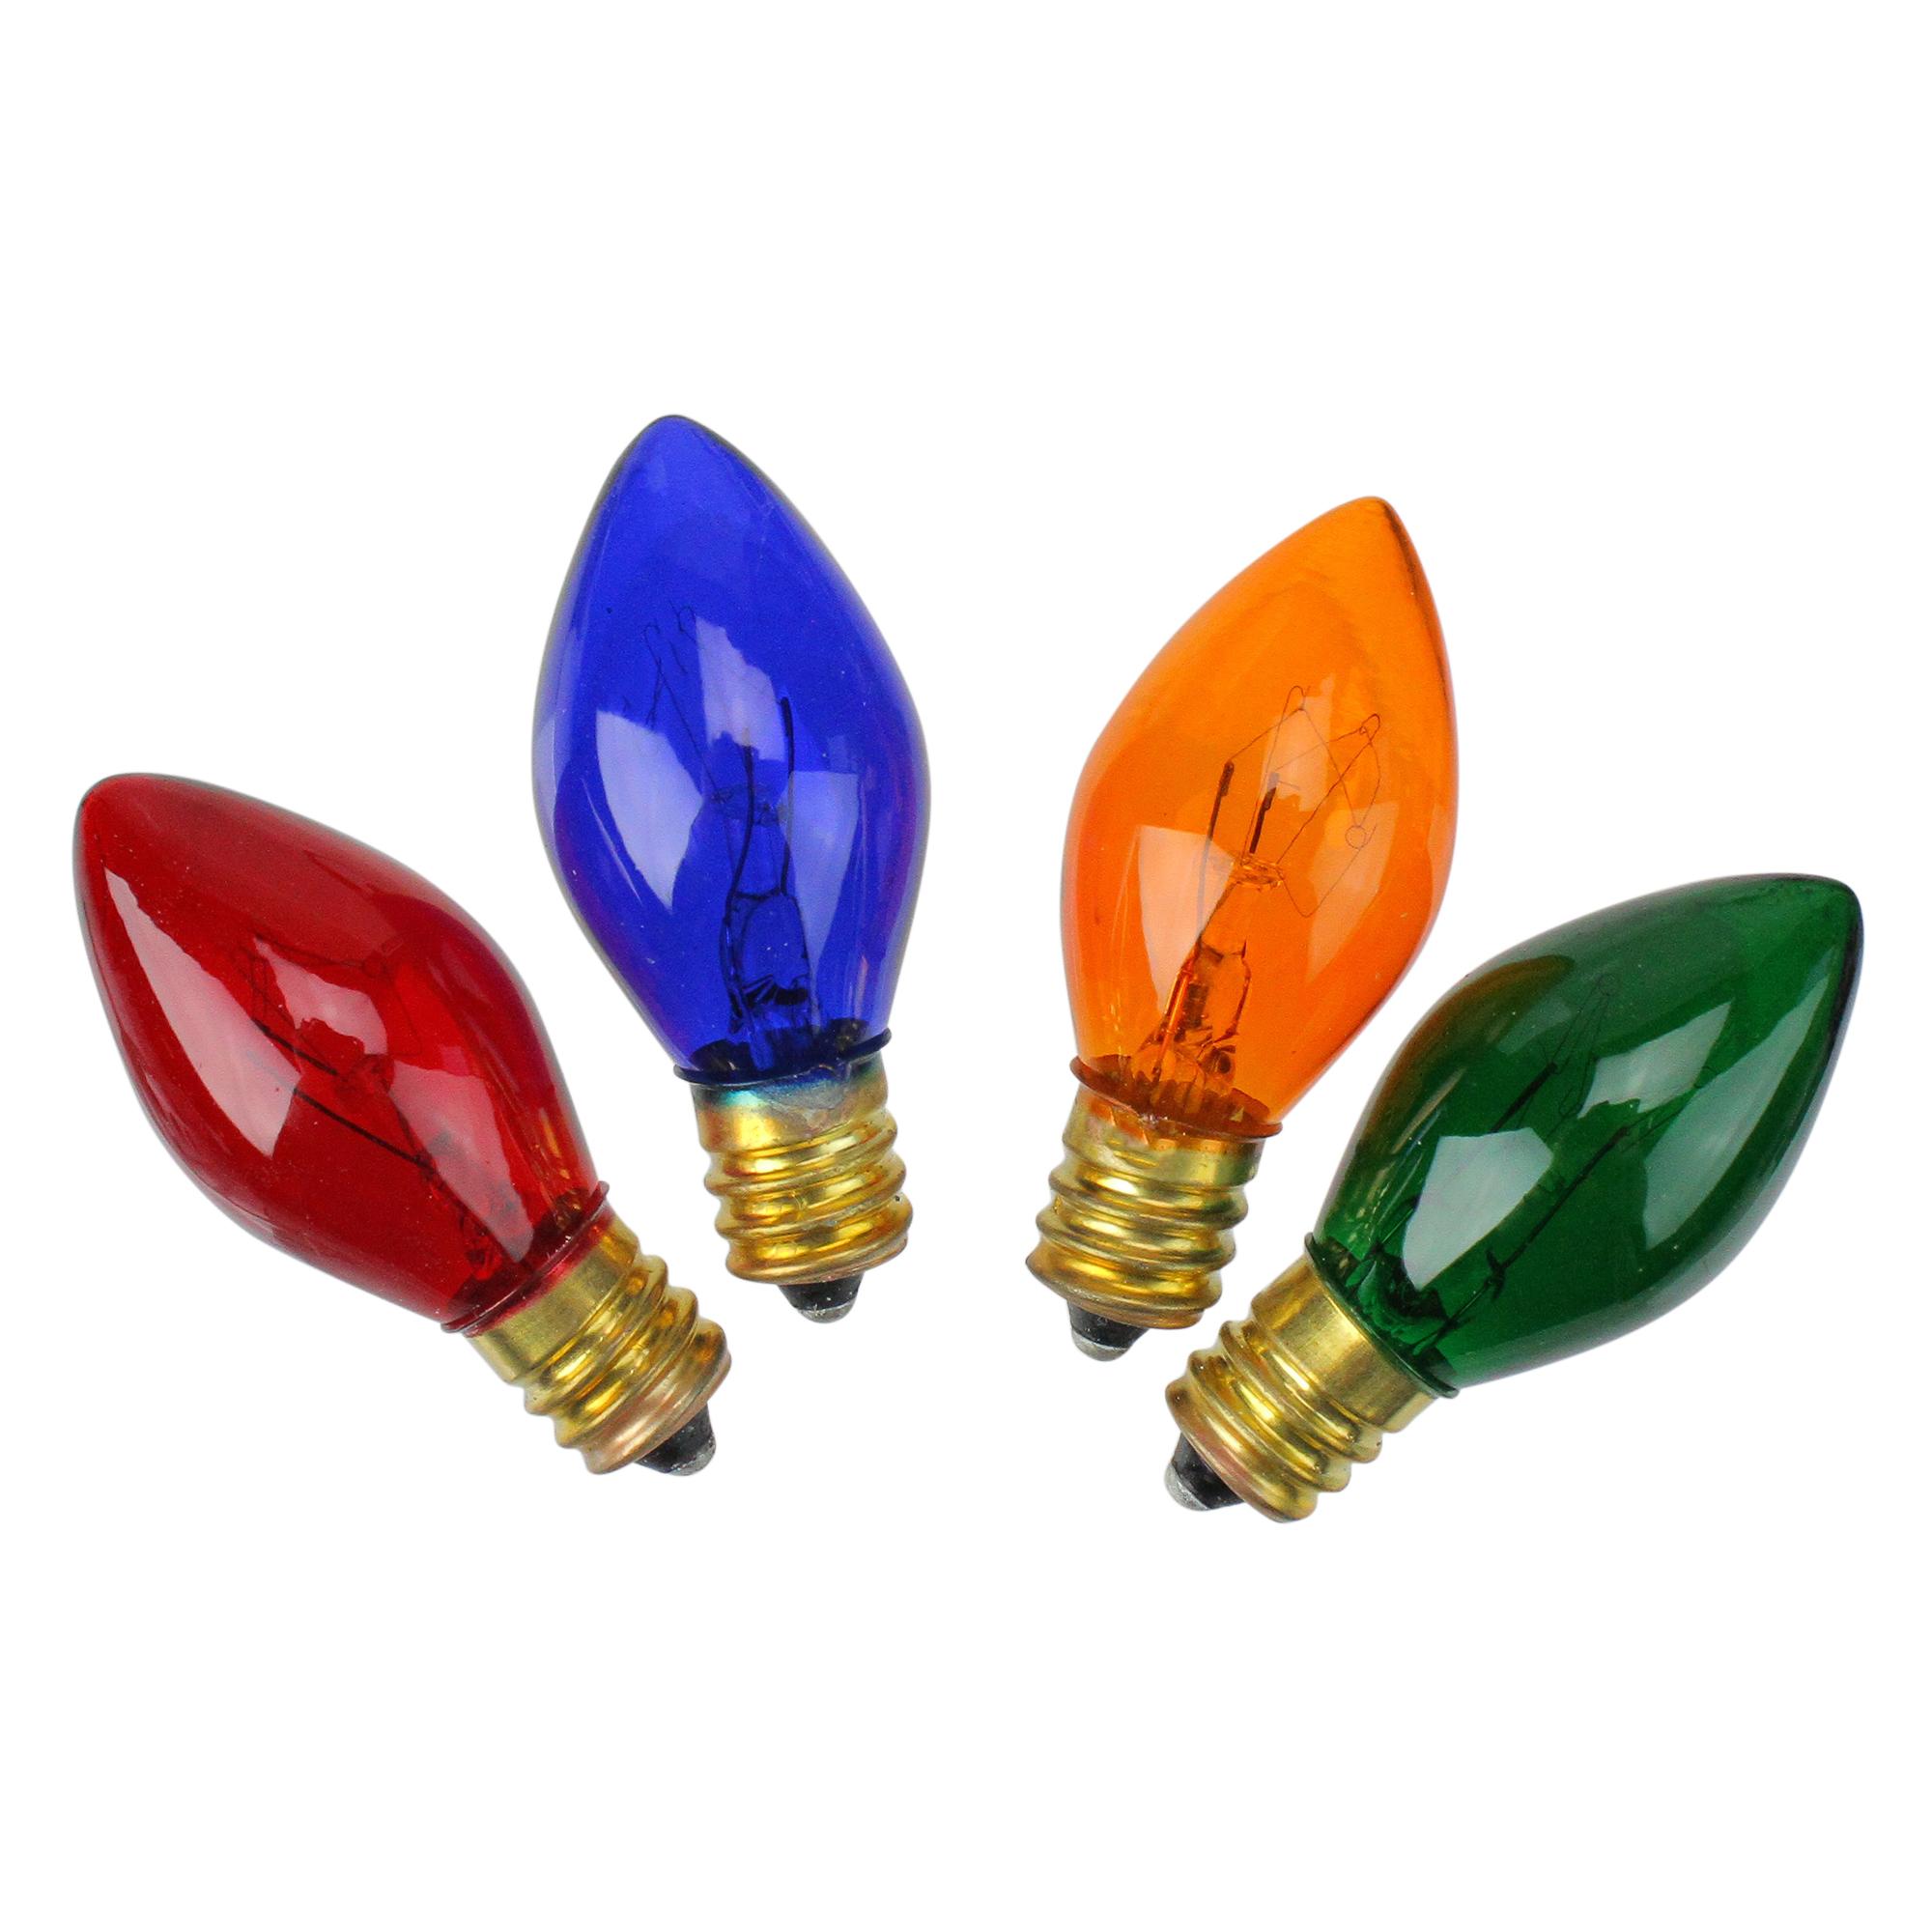 J Hofert 4Pk C7 Orange Ceram Bulb